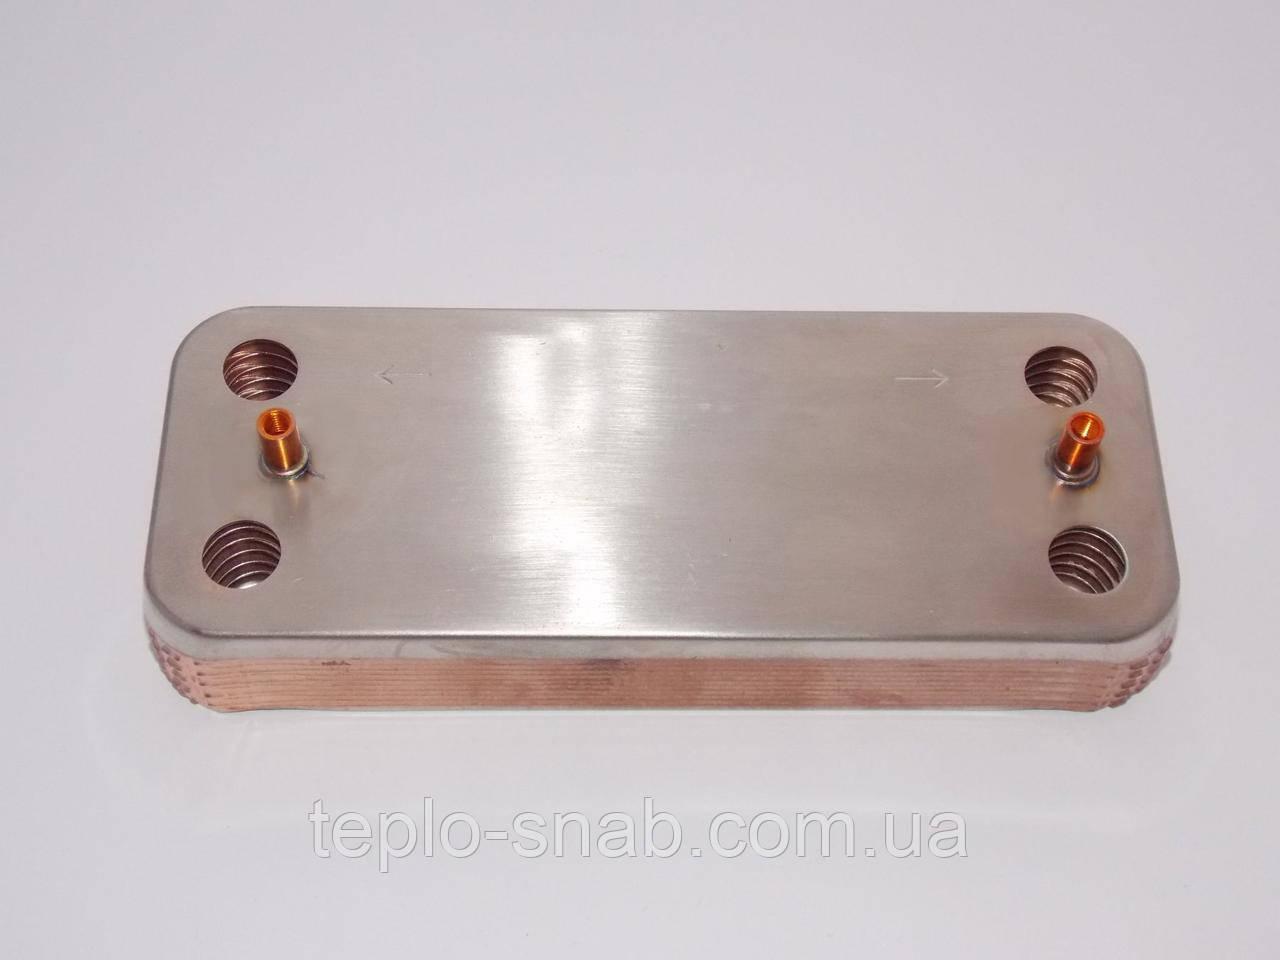 Теплообменник Buderus Logamax U002/U004/U102/U104. 12 пл. 7101160